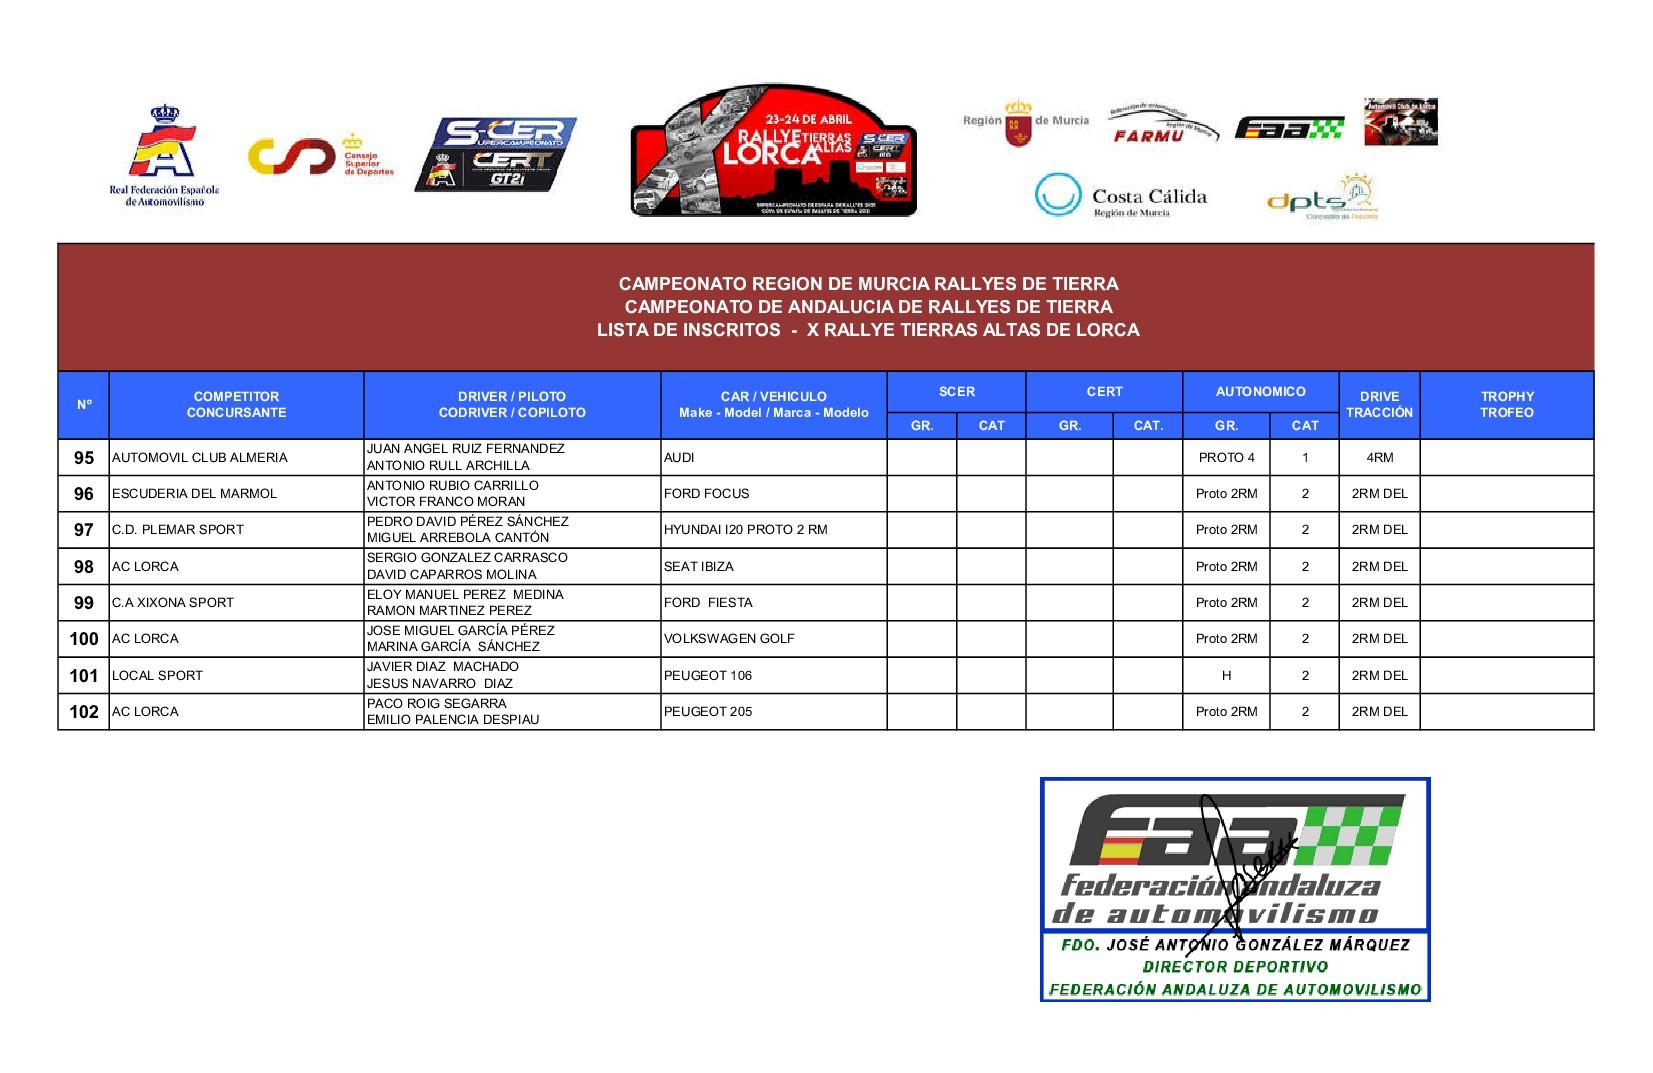 Inscritos X Rallye Tierras Altas de Lorca